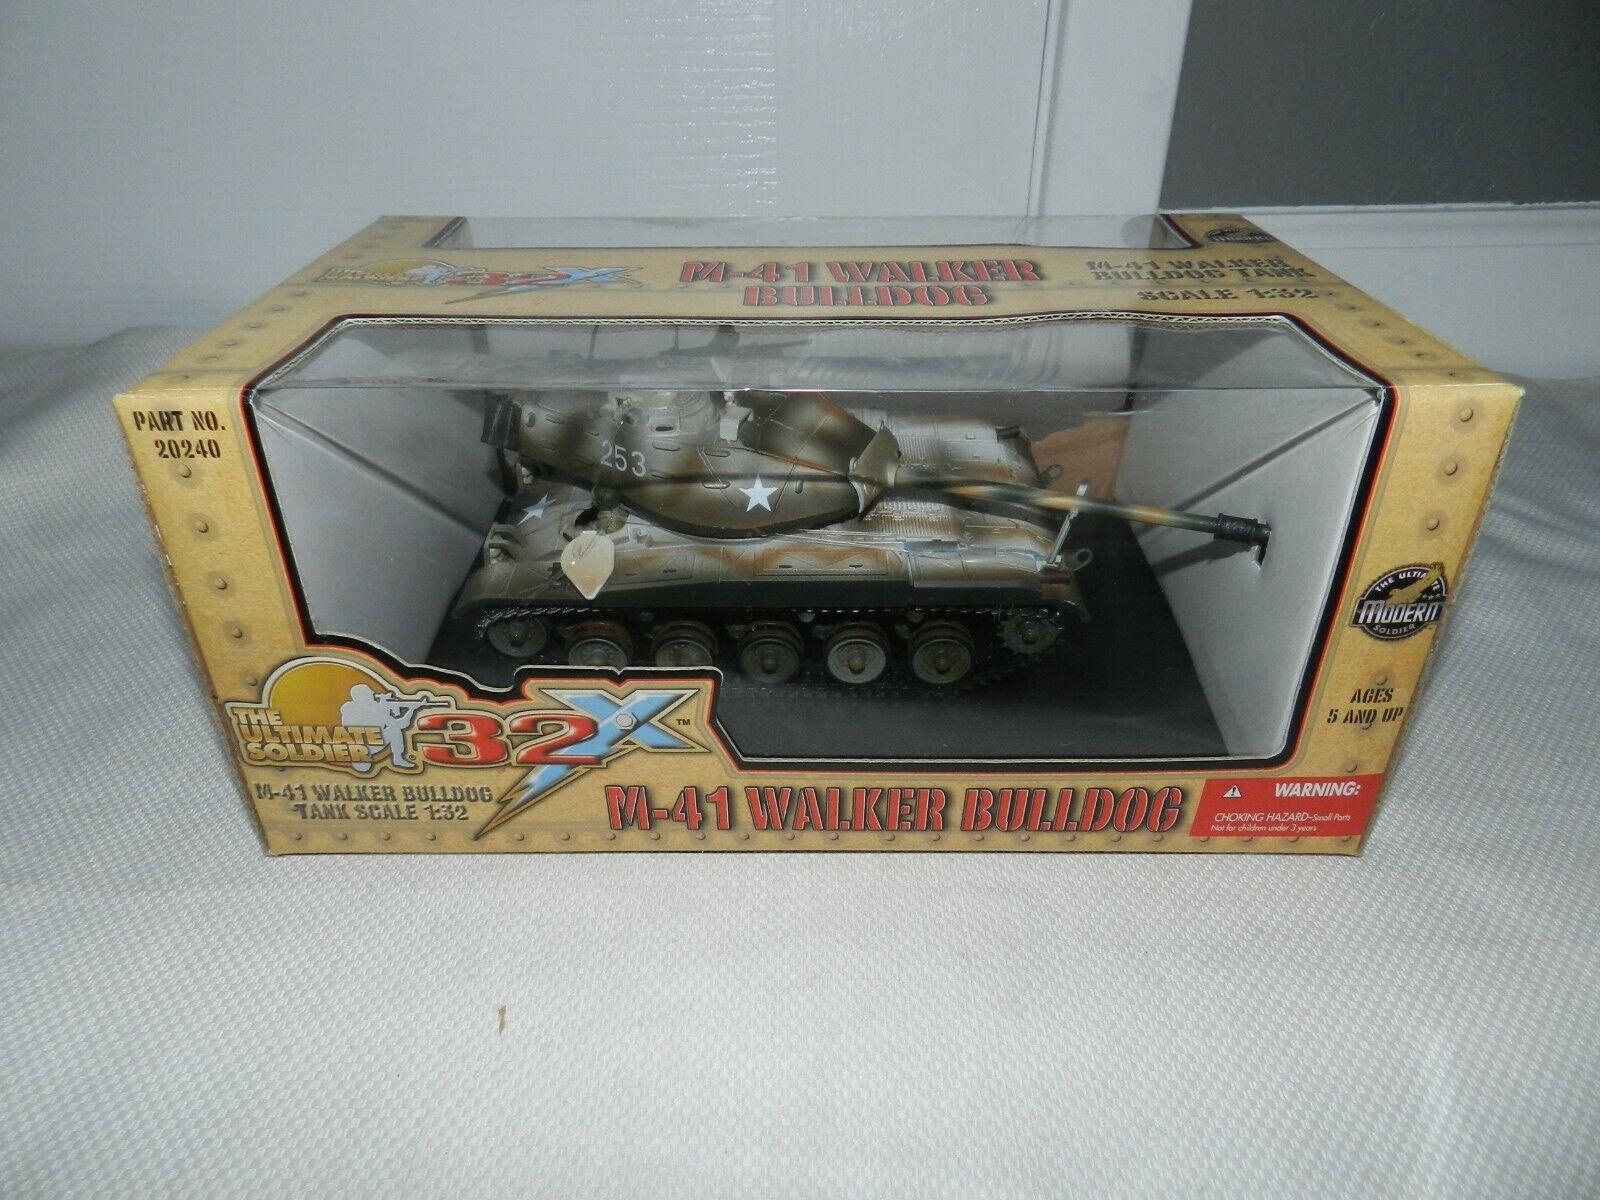 Tanque M-41 Walker Bulldog el soldado definitivo 32x 1 32 nuevo saeled 20240 + rossoondo